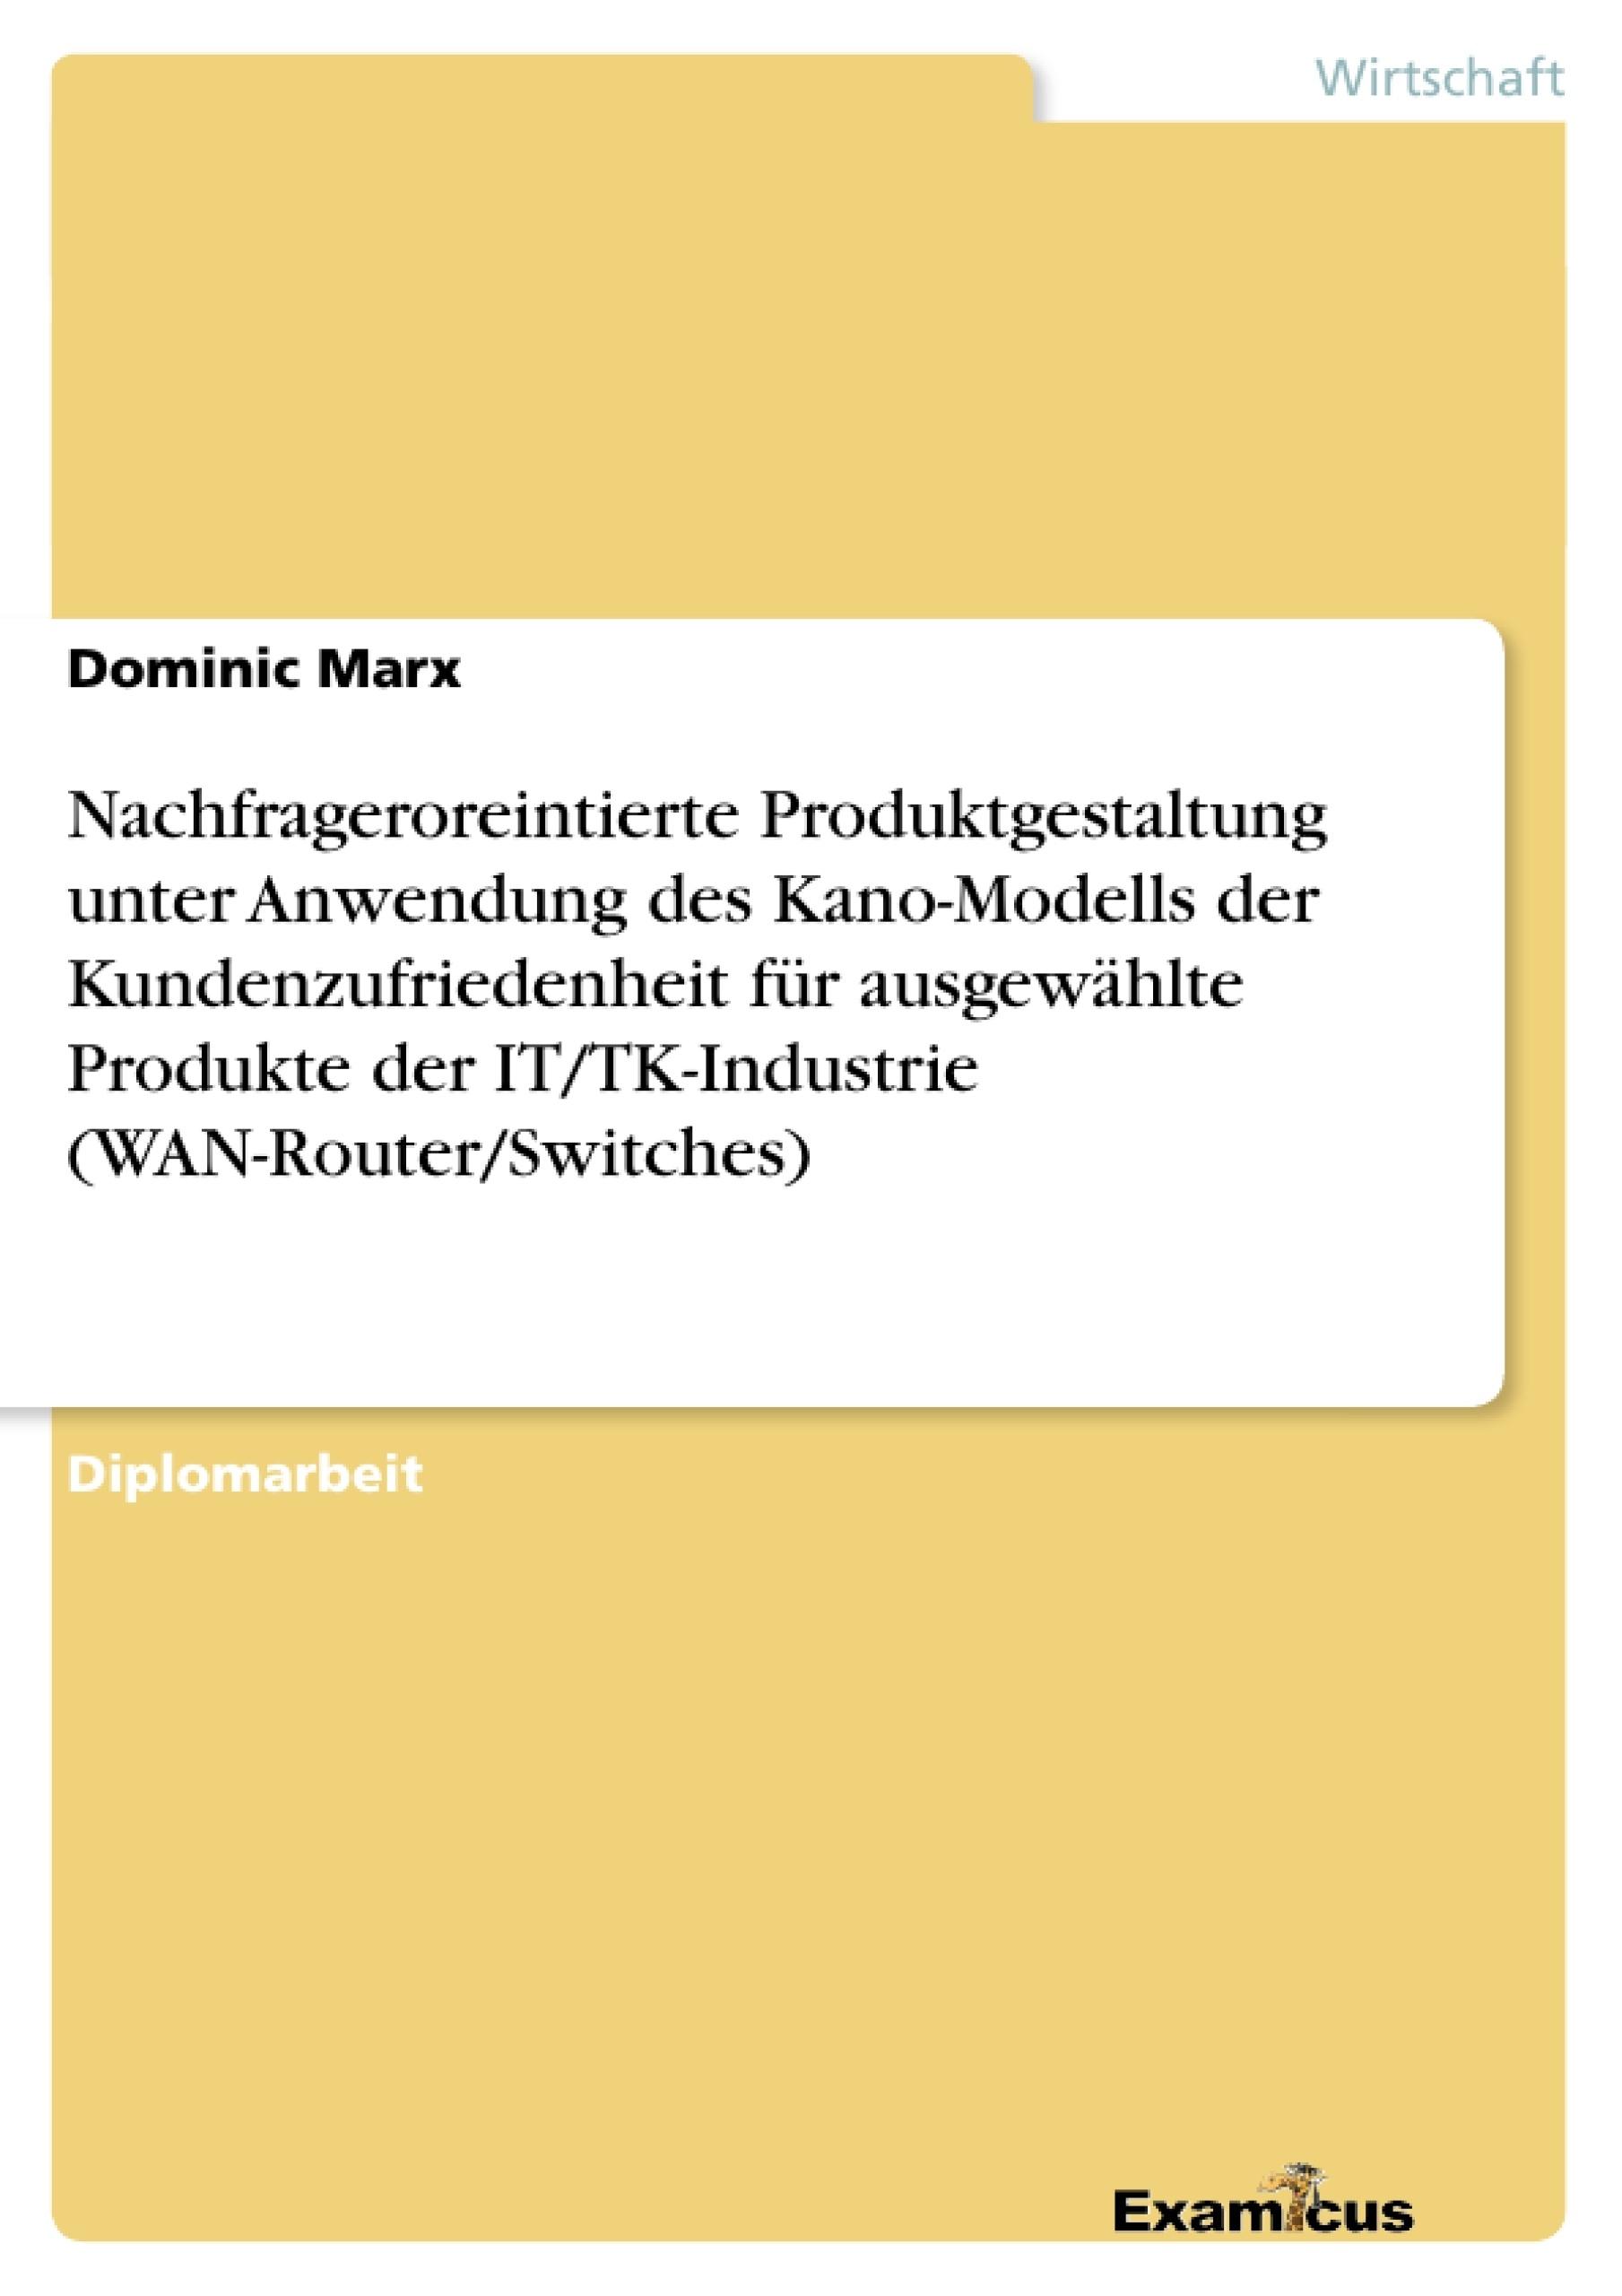 Titel: Nachfrageroreintierte Produktgestaltung unter Anwendung des Kano-Modells der Kundenzufriedenheit für ausgewählte Produkte der IT/TK-Industrie (WAN-Router/Switches)